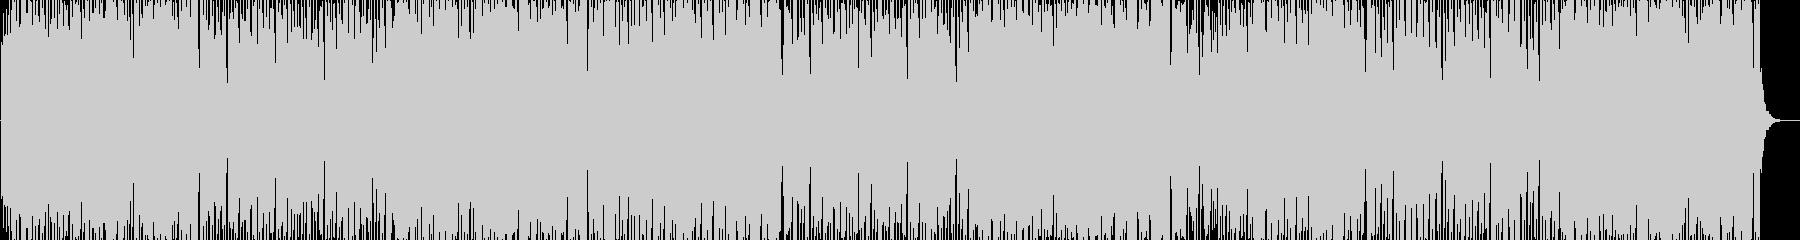 軽やかで牧歌的な懐かしい音楽の未再生の波形